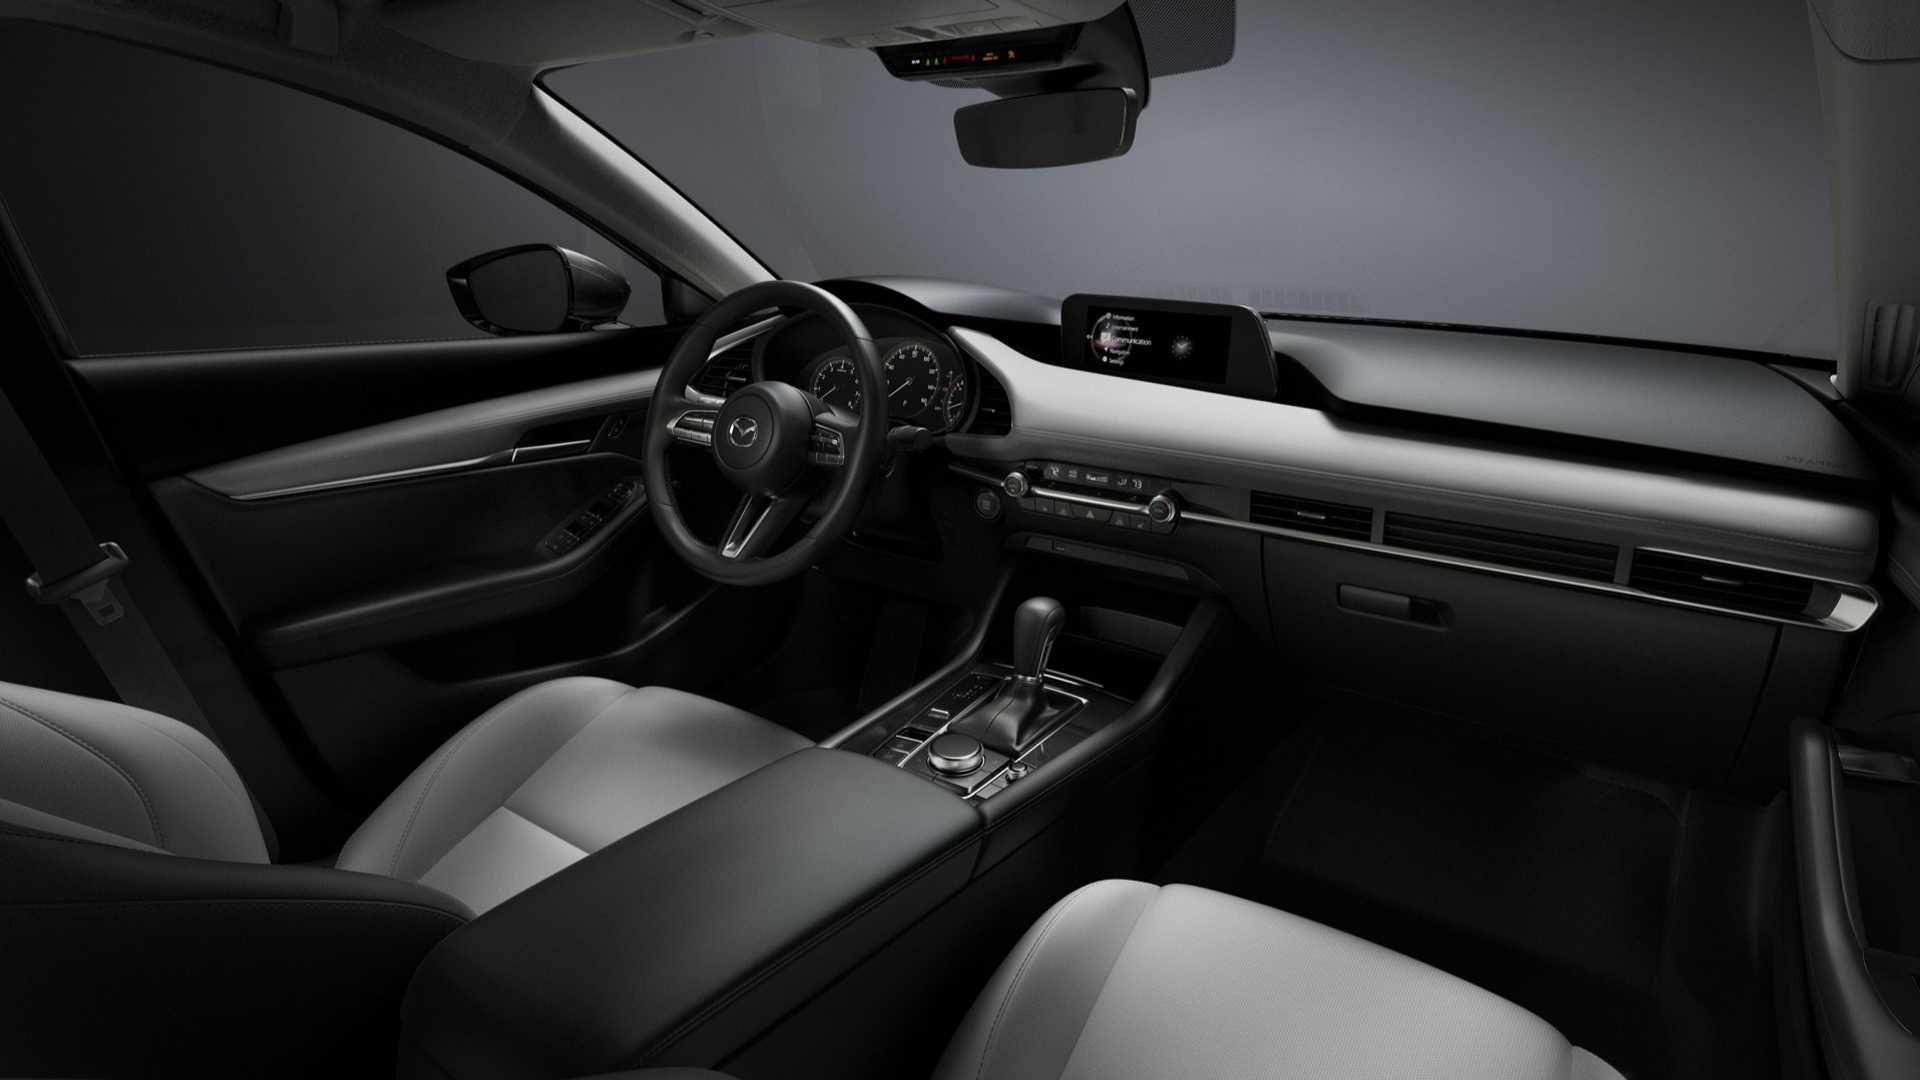 2018 Mazda 3 Sedan Interior White Mazda 3 Sedan Mazda 3 Hatchback Mazda 3